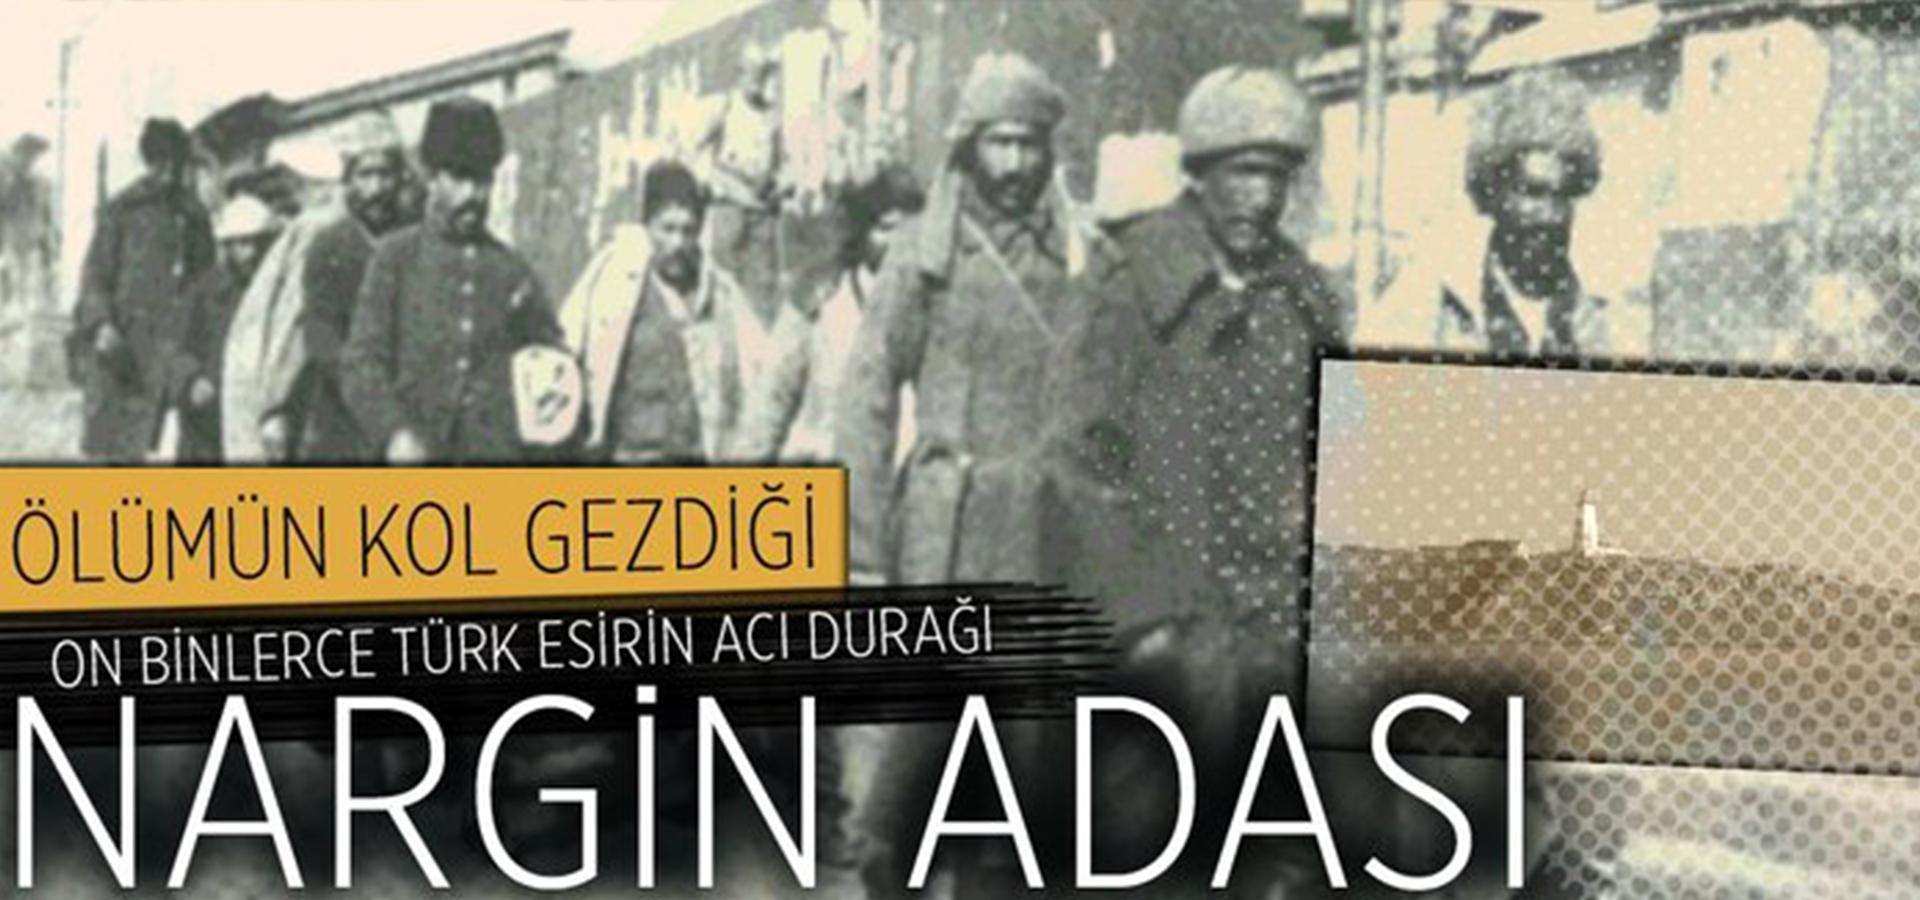 On Binlerce Türk Esirin Acı Durağı: Nargin Adası